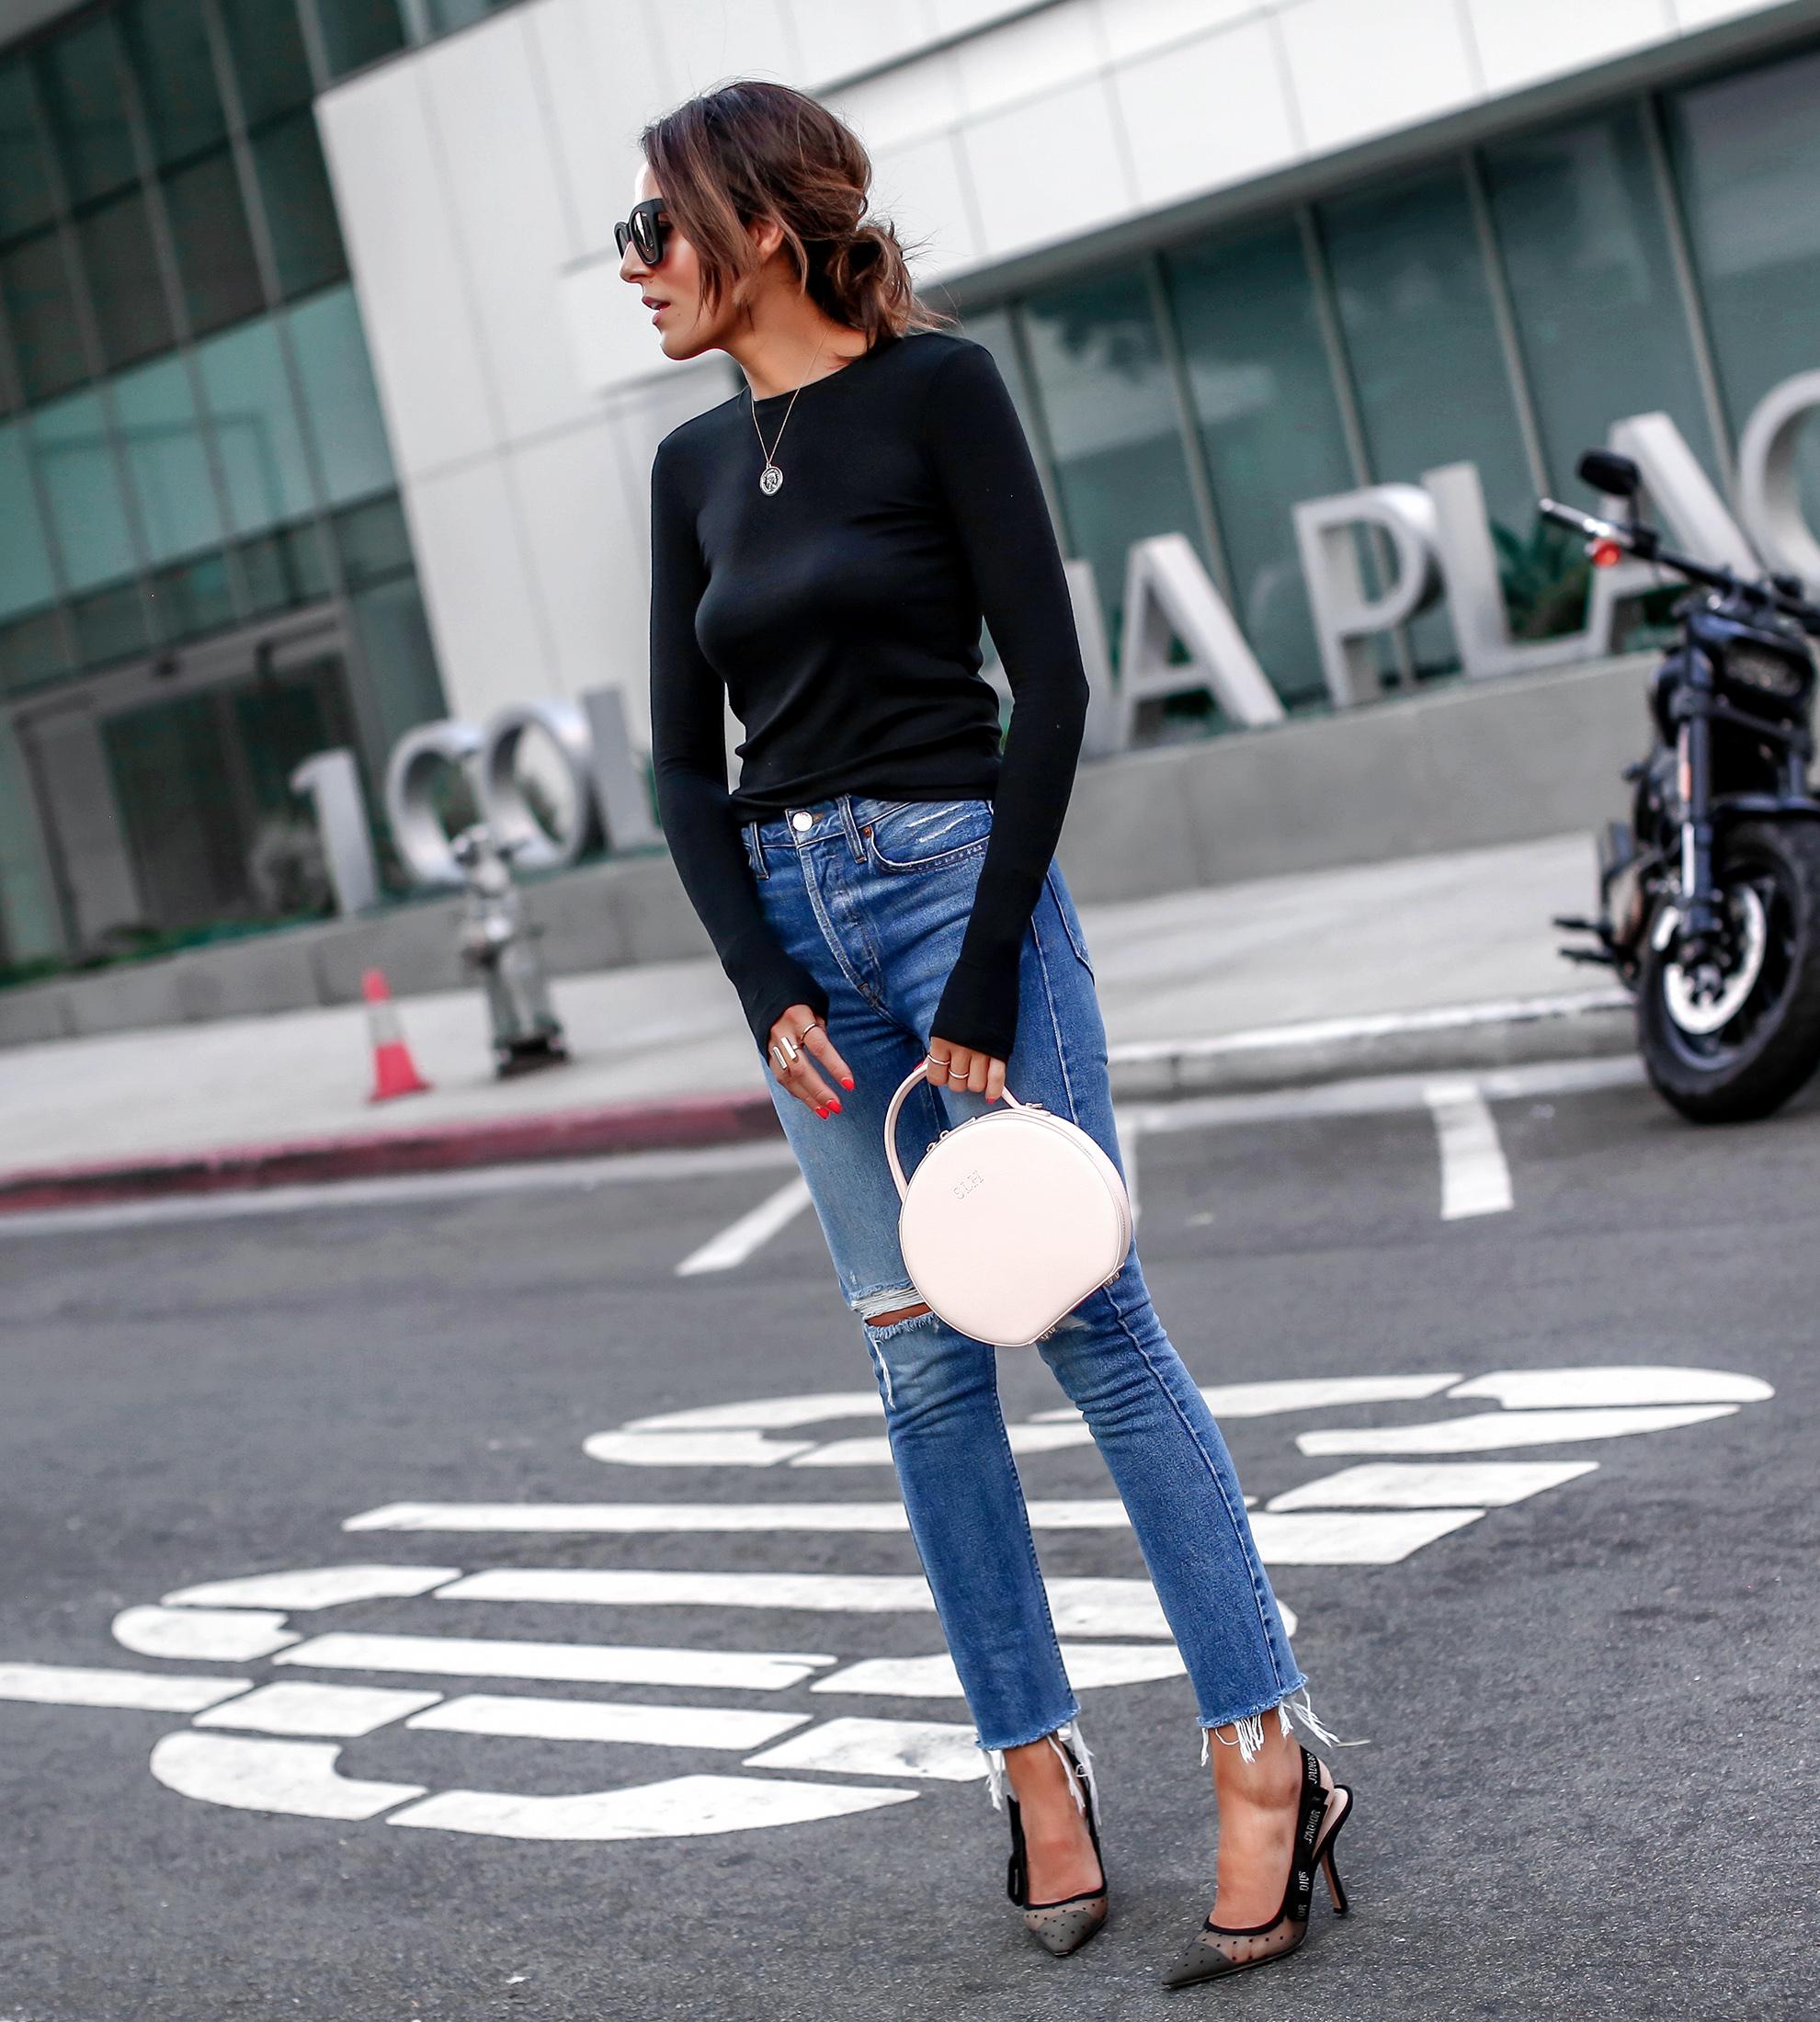 Brunette Woman in Street